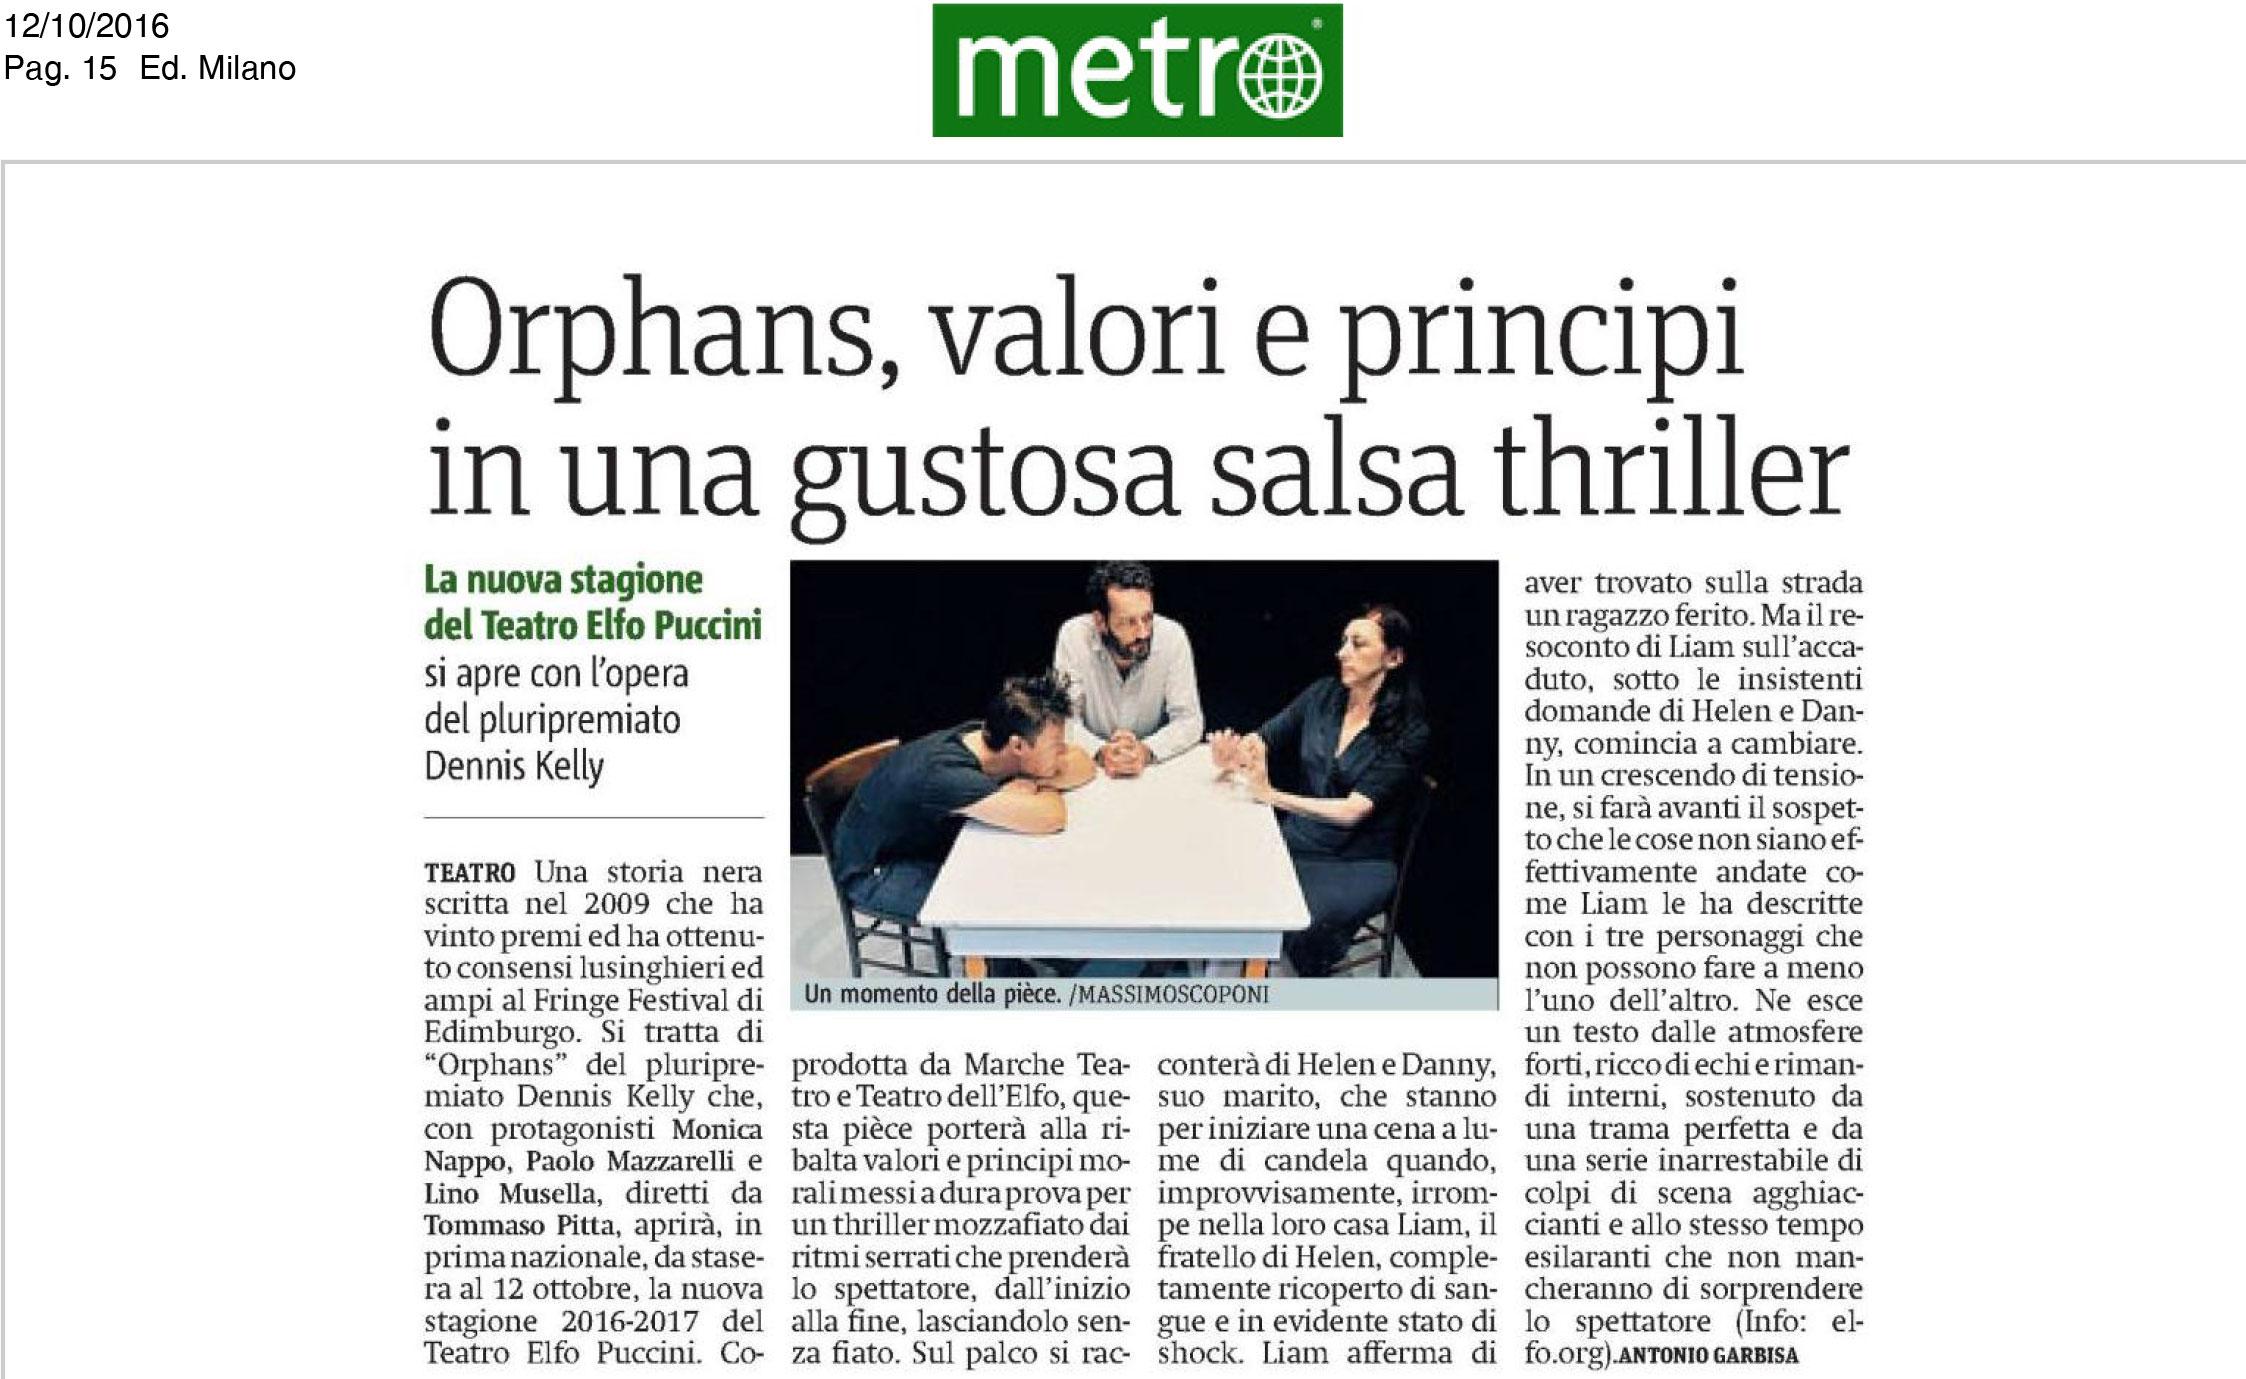 20161012_orphansvalori-e-principi-in-una-gustosa-salsa-thriller_metro